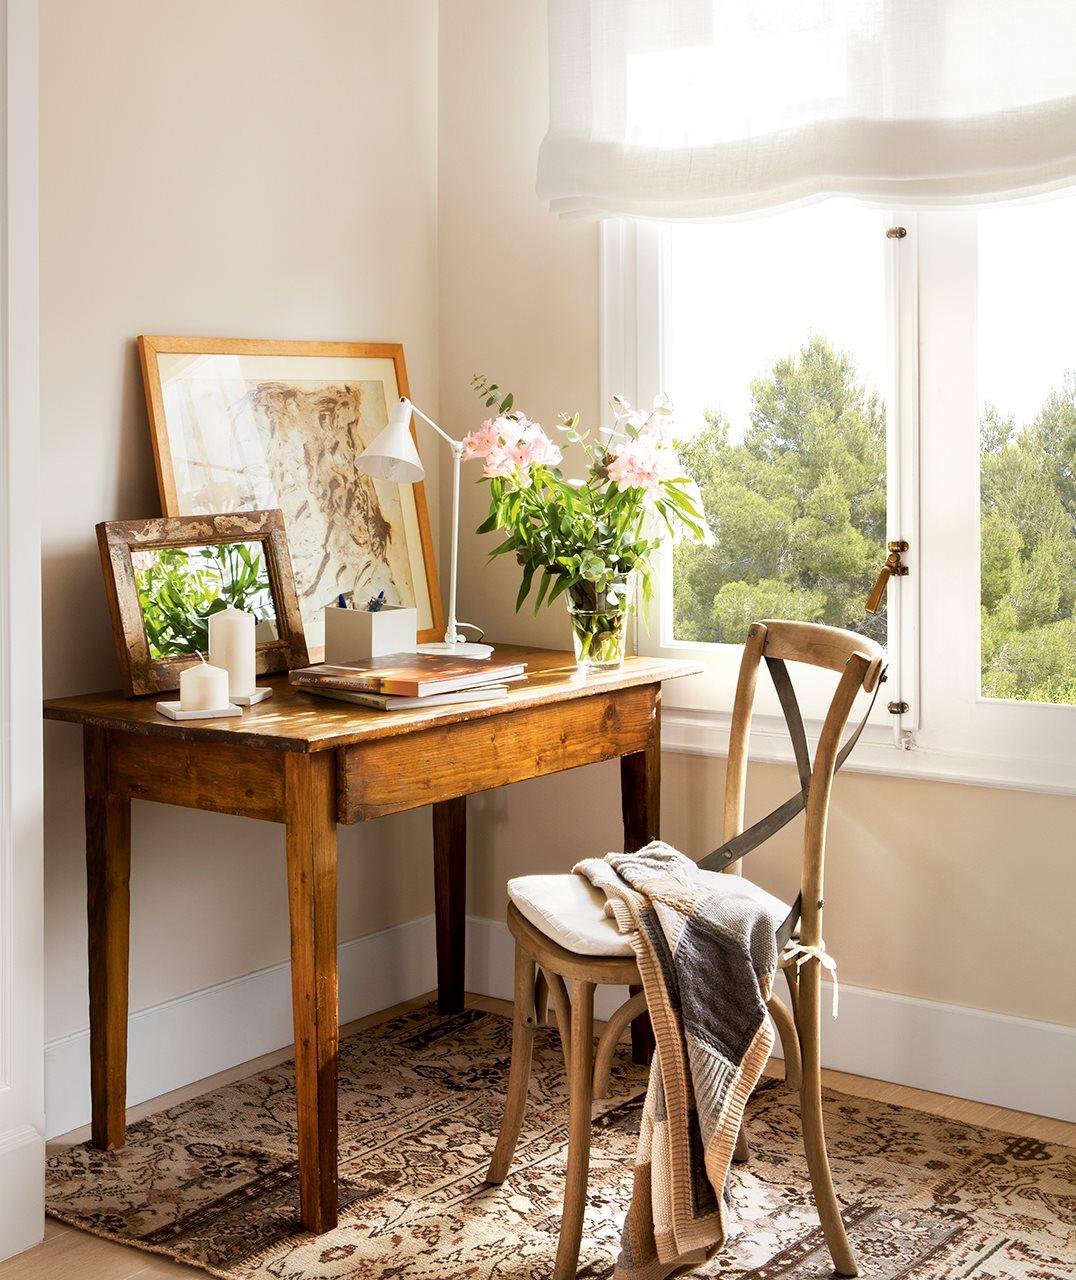 Rincón con mesilla a modo escritorio. Apoyado sobre un mueble.